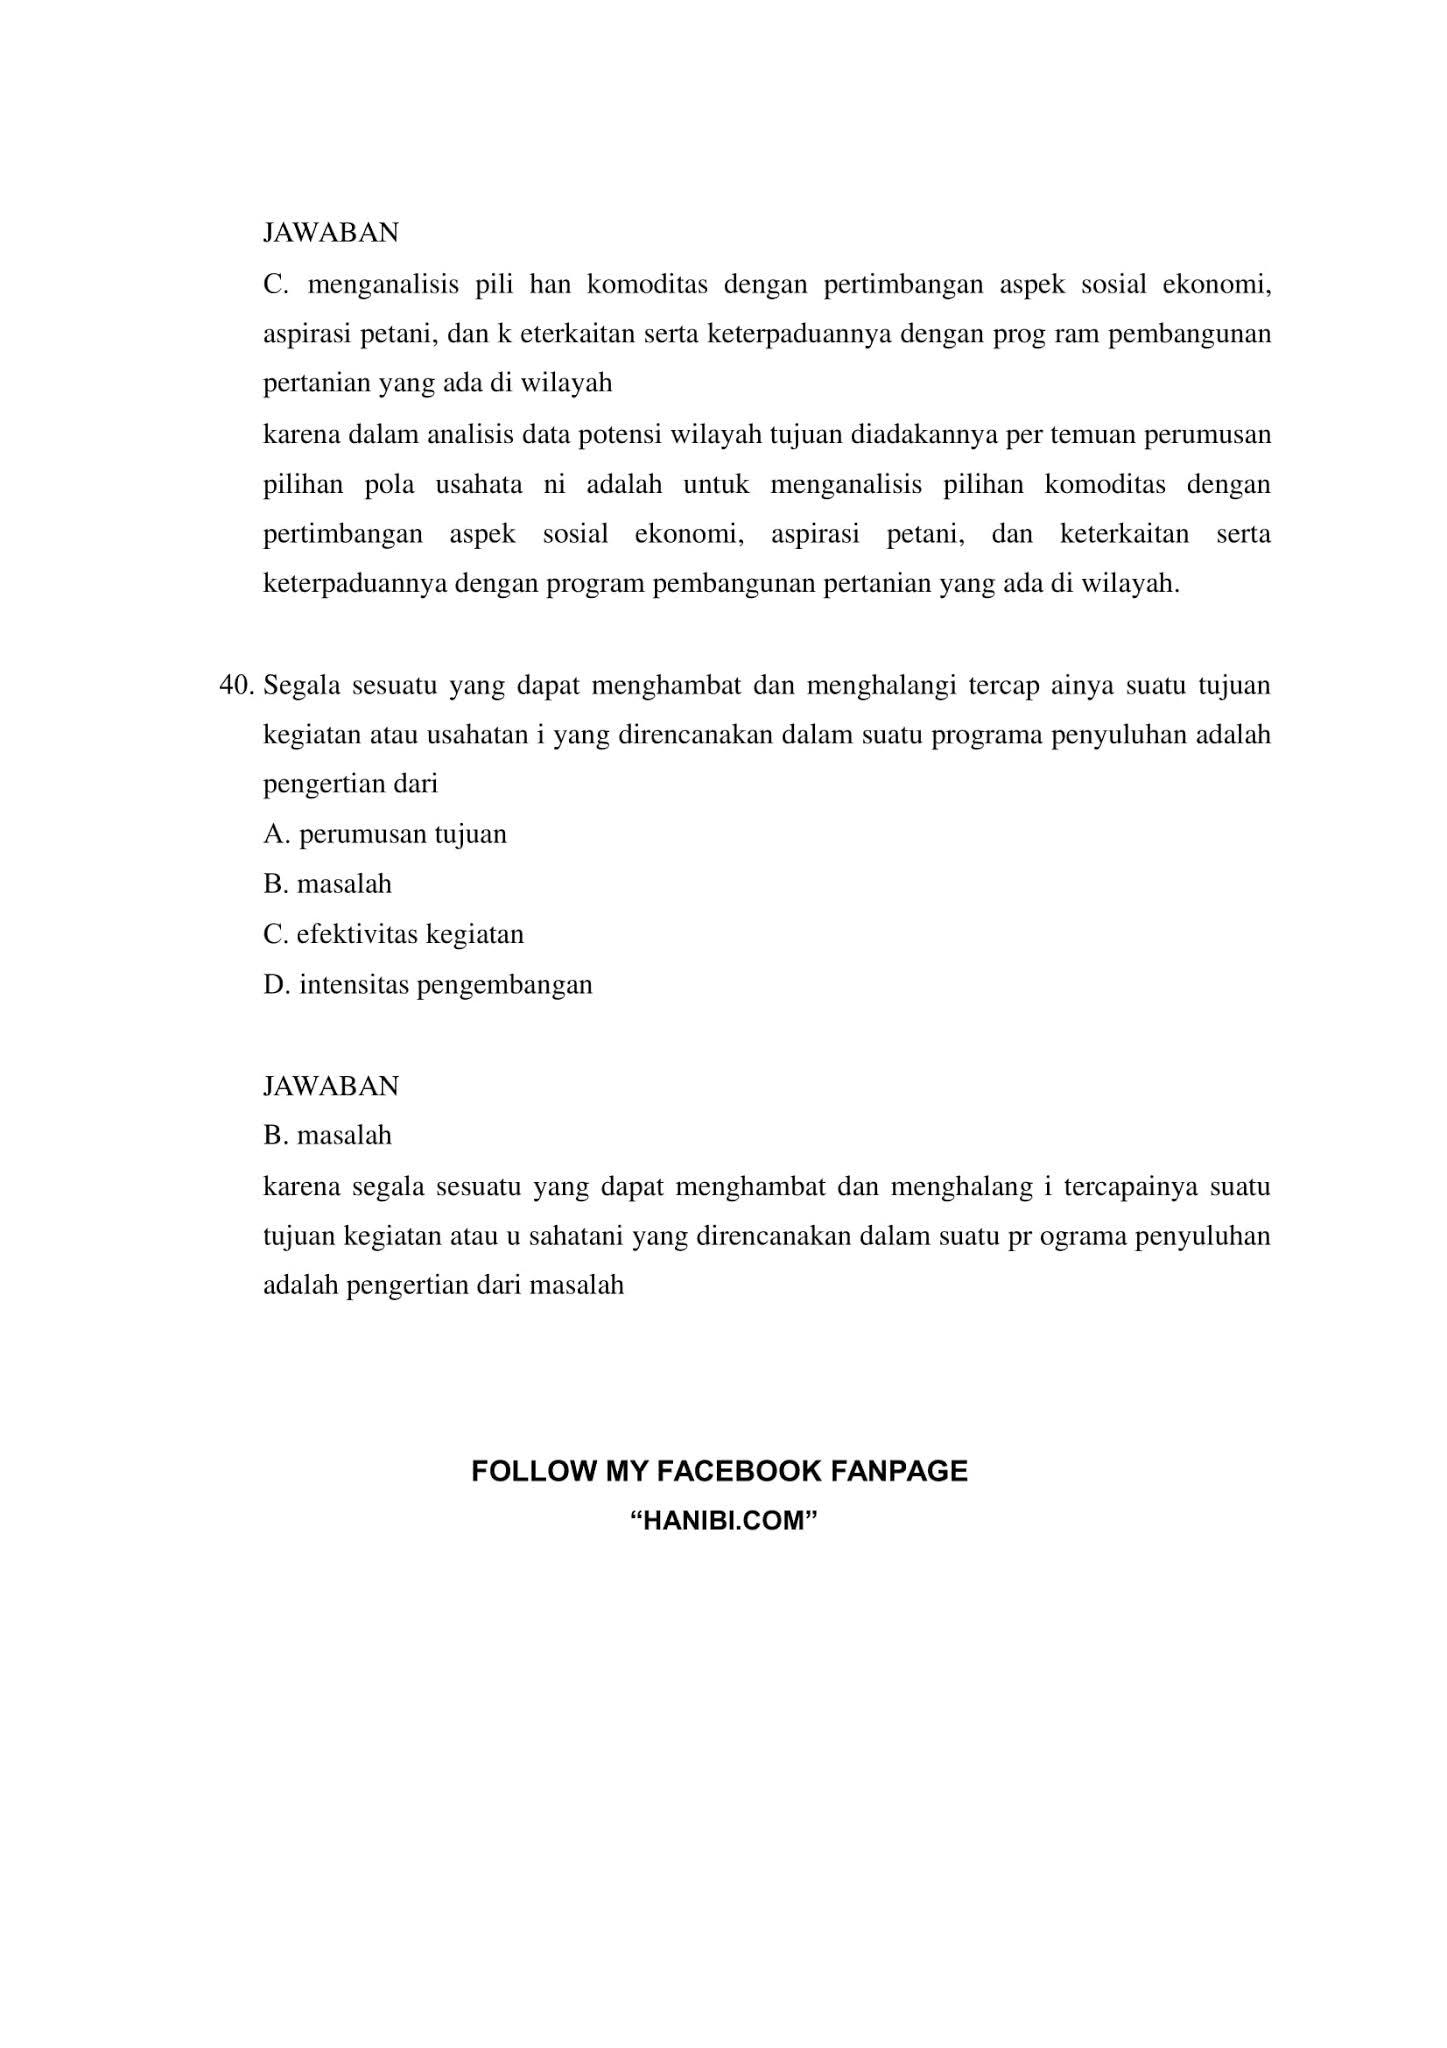 180+ Latihan Soal SKB Pertanian CPNS 2021 + Kunci Jawaban ...